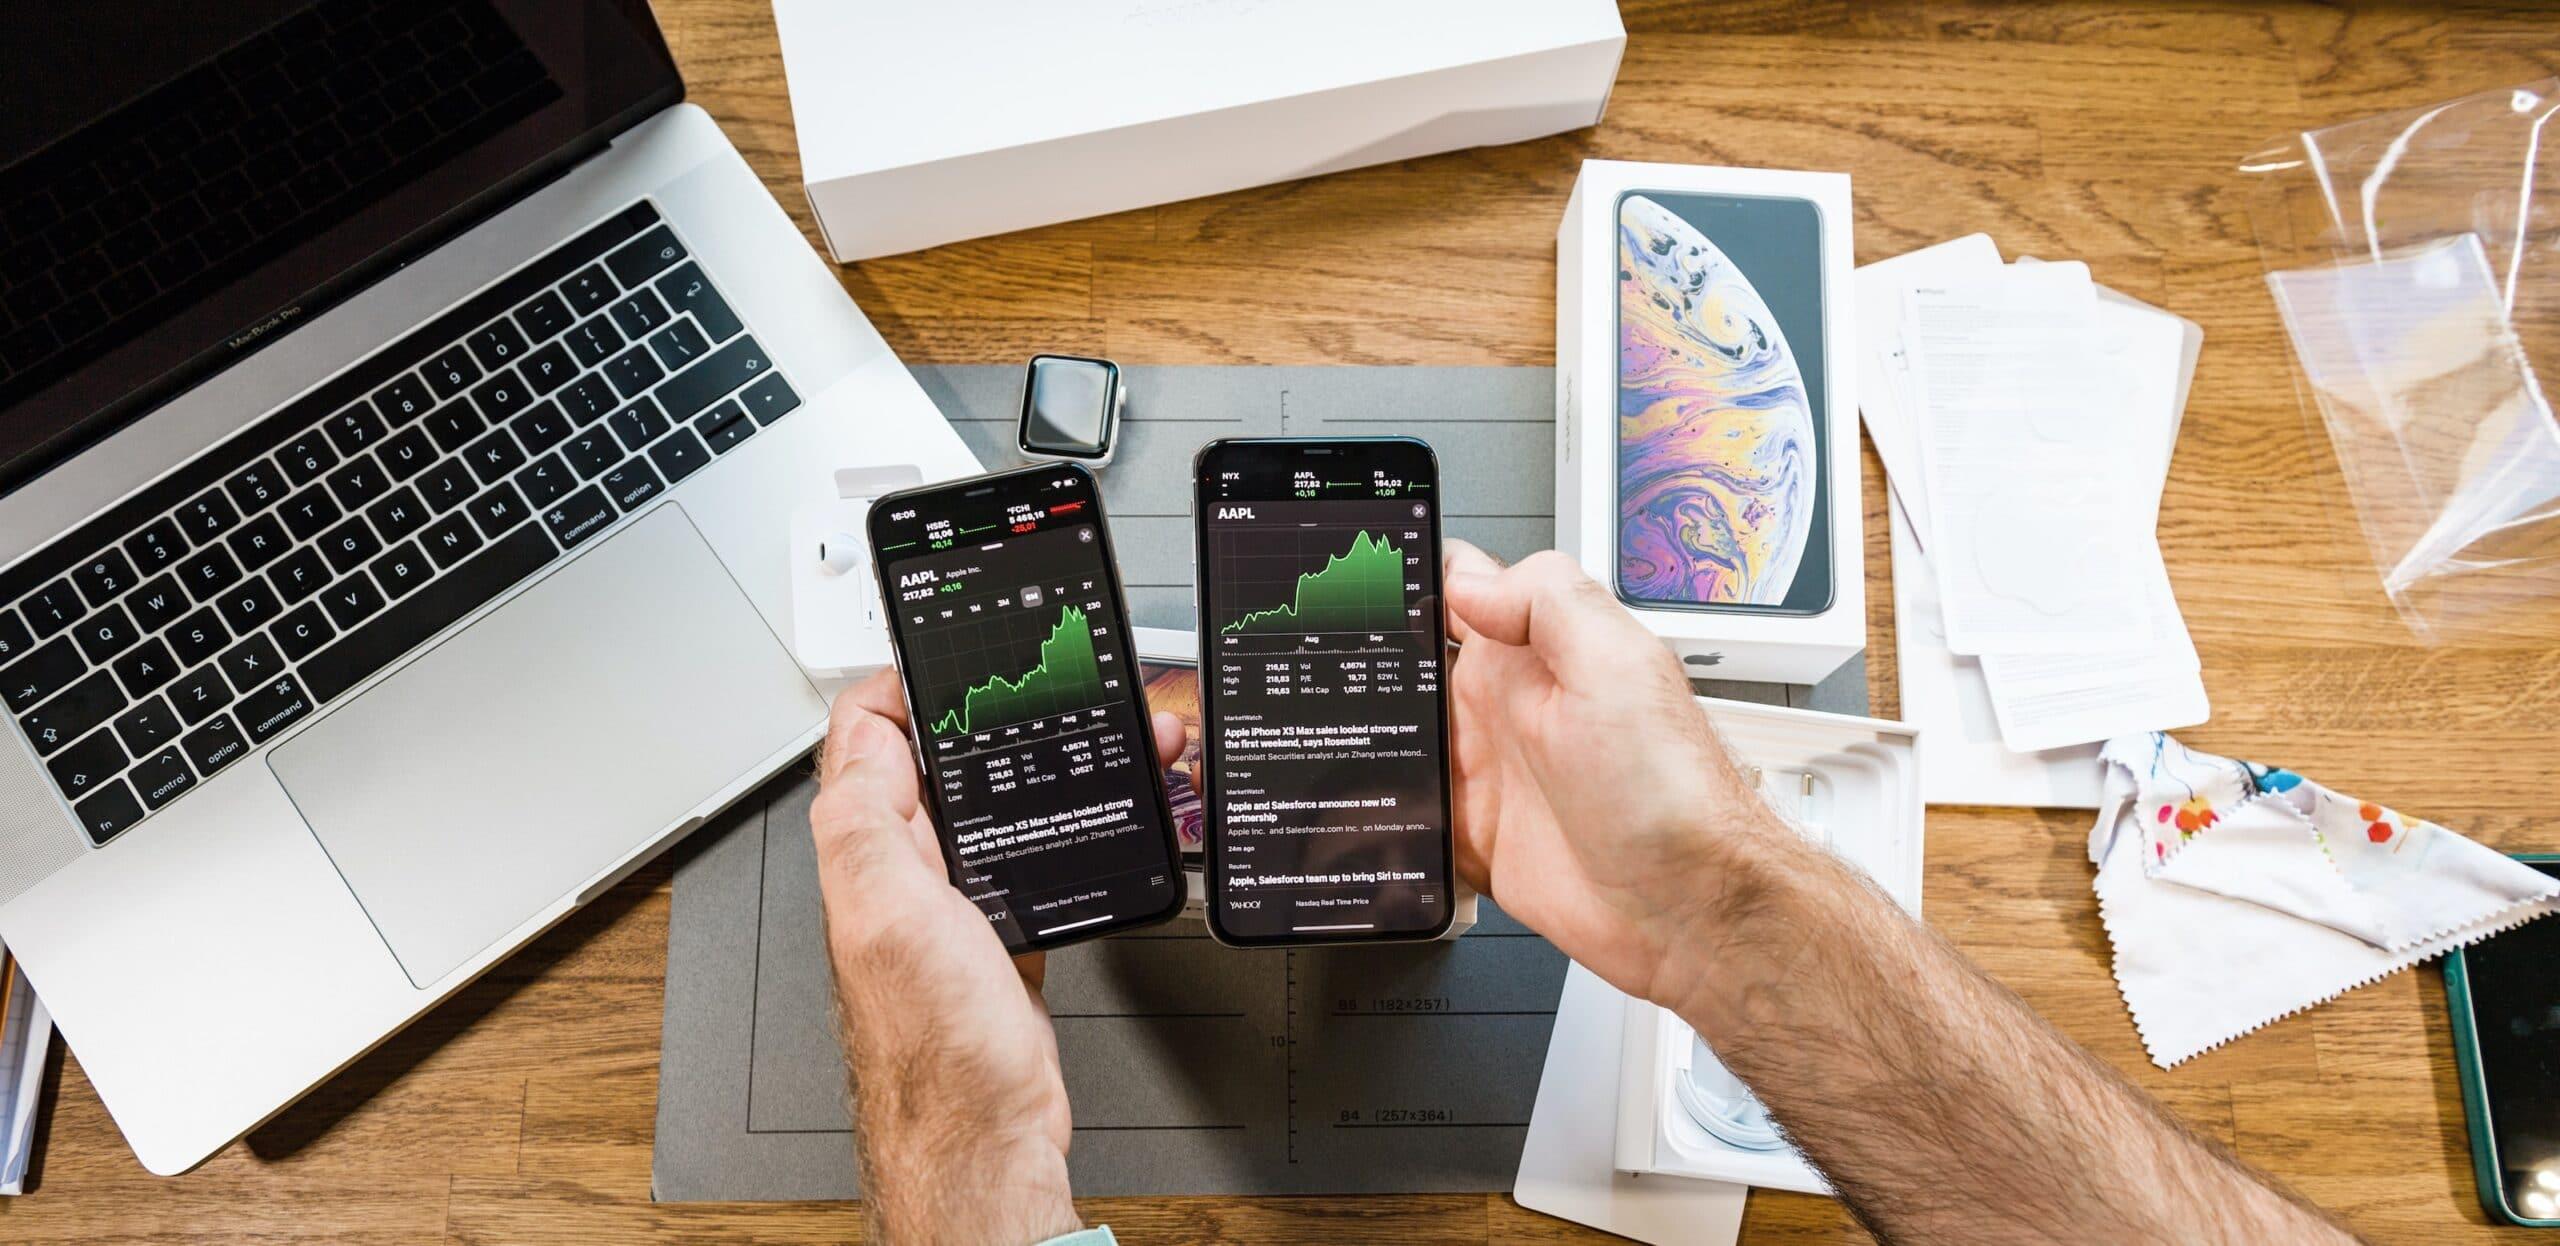 Ações da Apple em iPhones